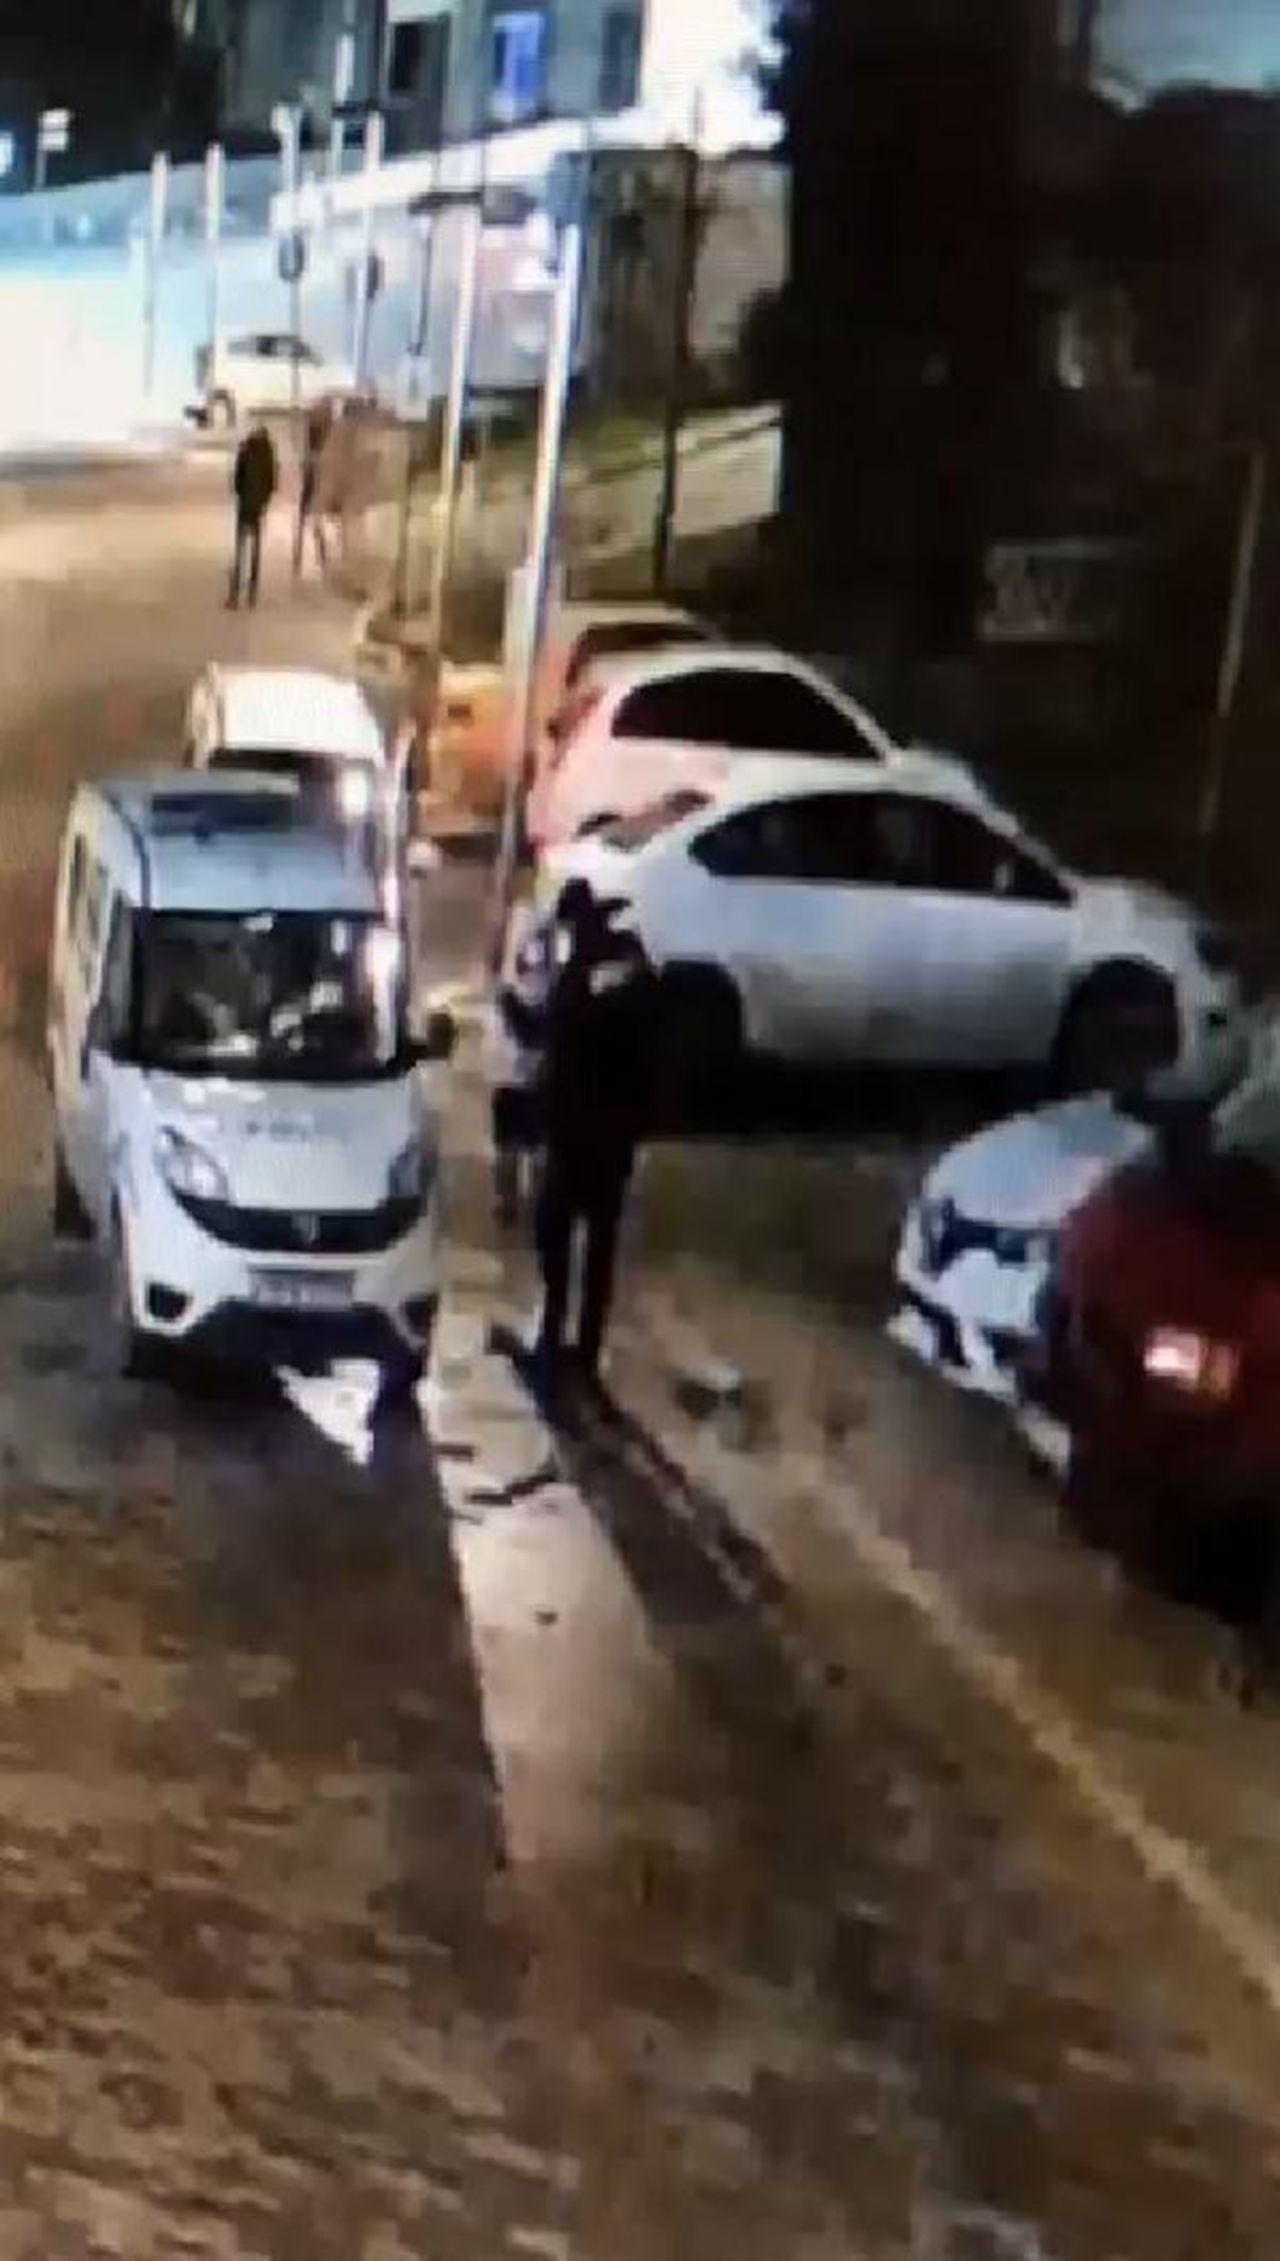 İstanbul'da genç kadına polis dayağı iddiası: ''Doktor az bile yapmışsınız dedi'' - Resim: 1